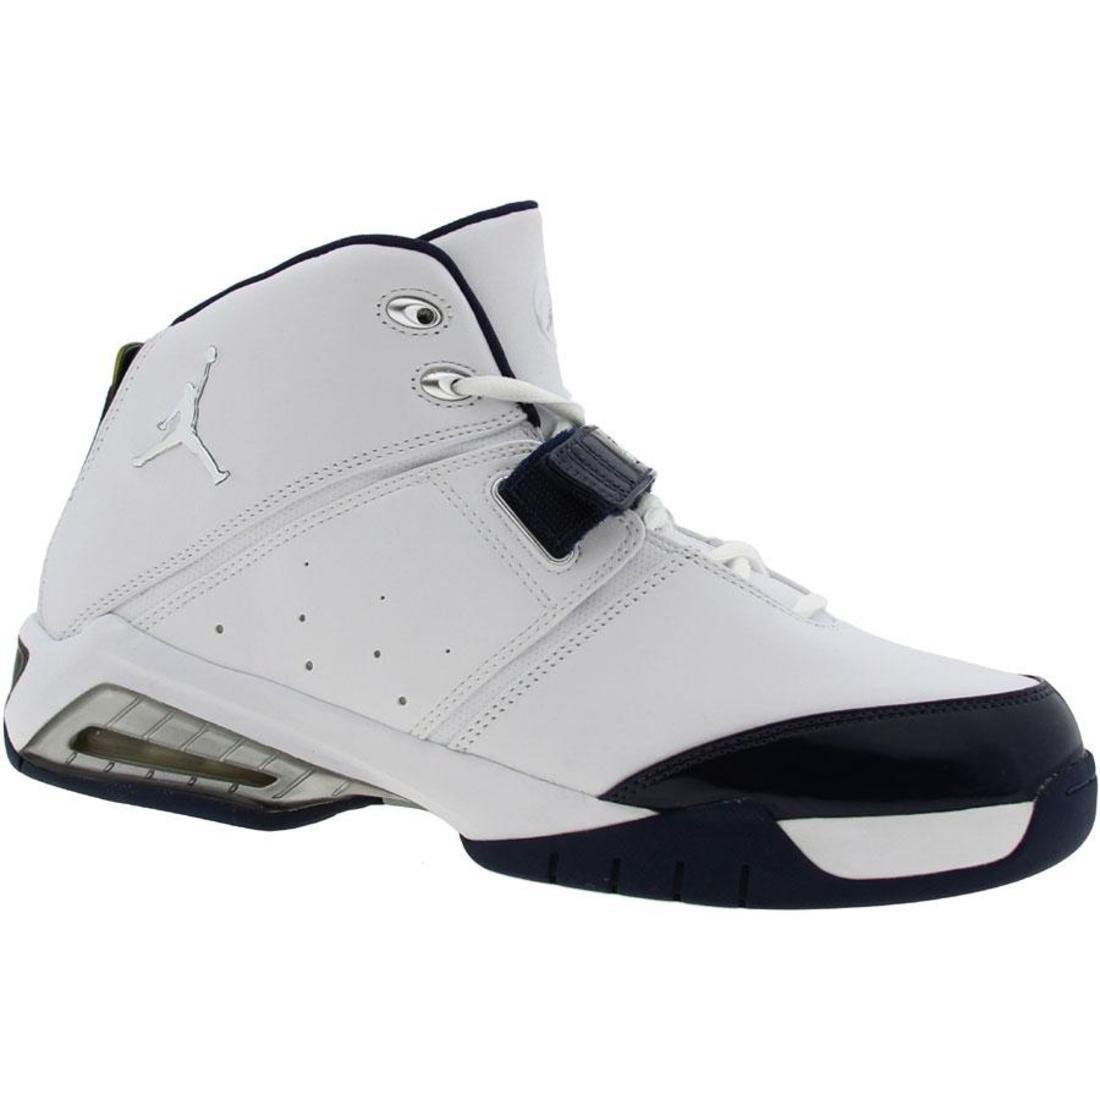 (ナイキ) Nike メンズ Jordan Team Reign B002CX925C 26.5CM (US 8.5)